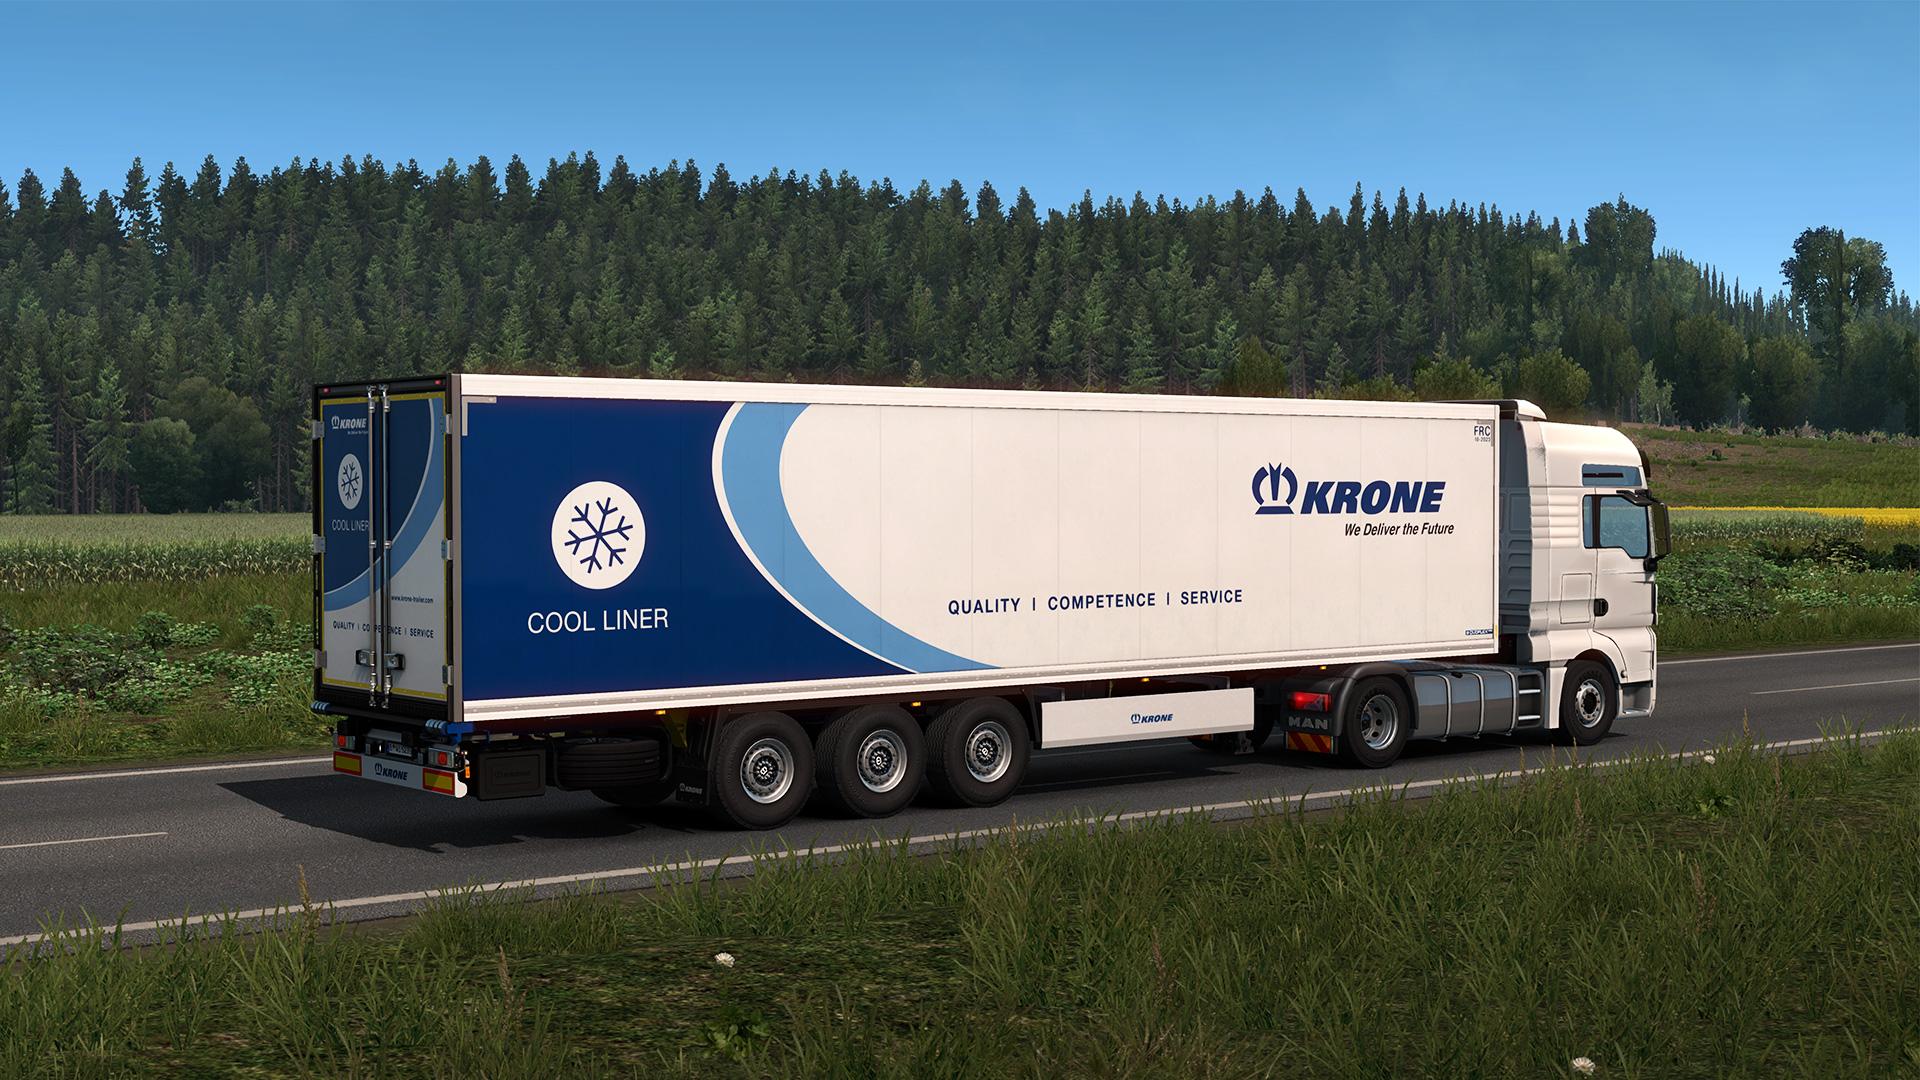 euro truck simulator 2 krone trailer pack ets2 mod. Black Bedroom Furniture Sets. Home Design Ideas